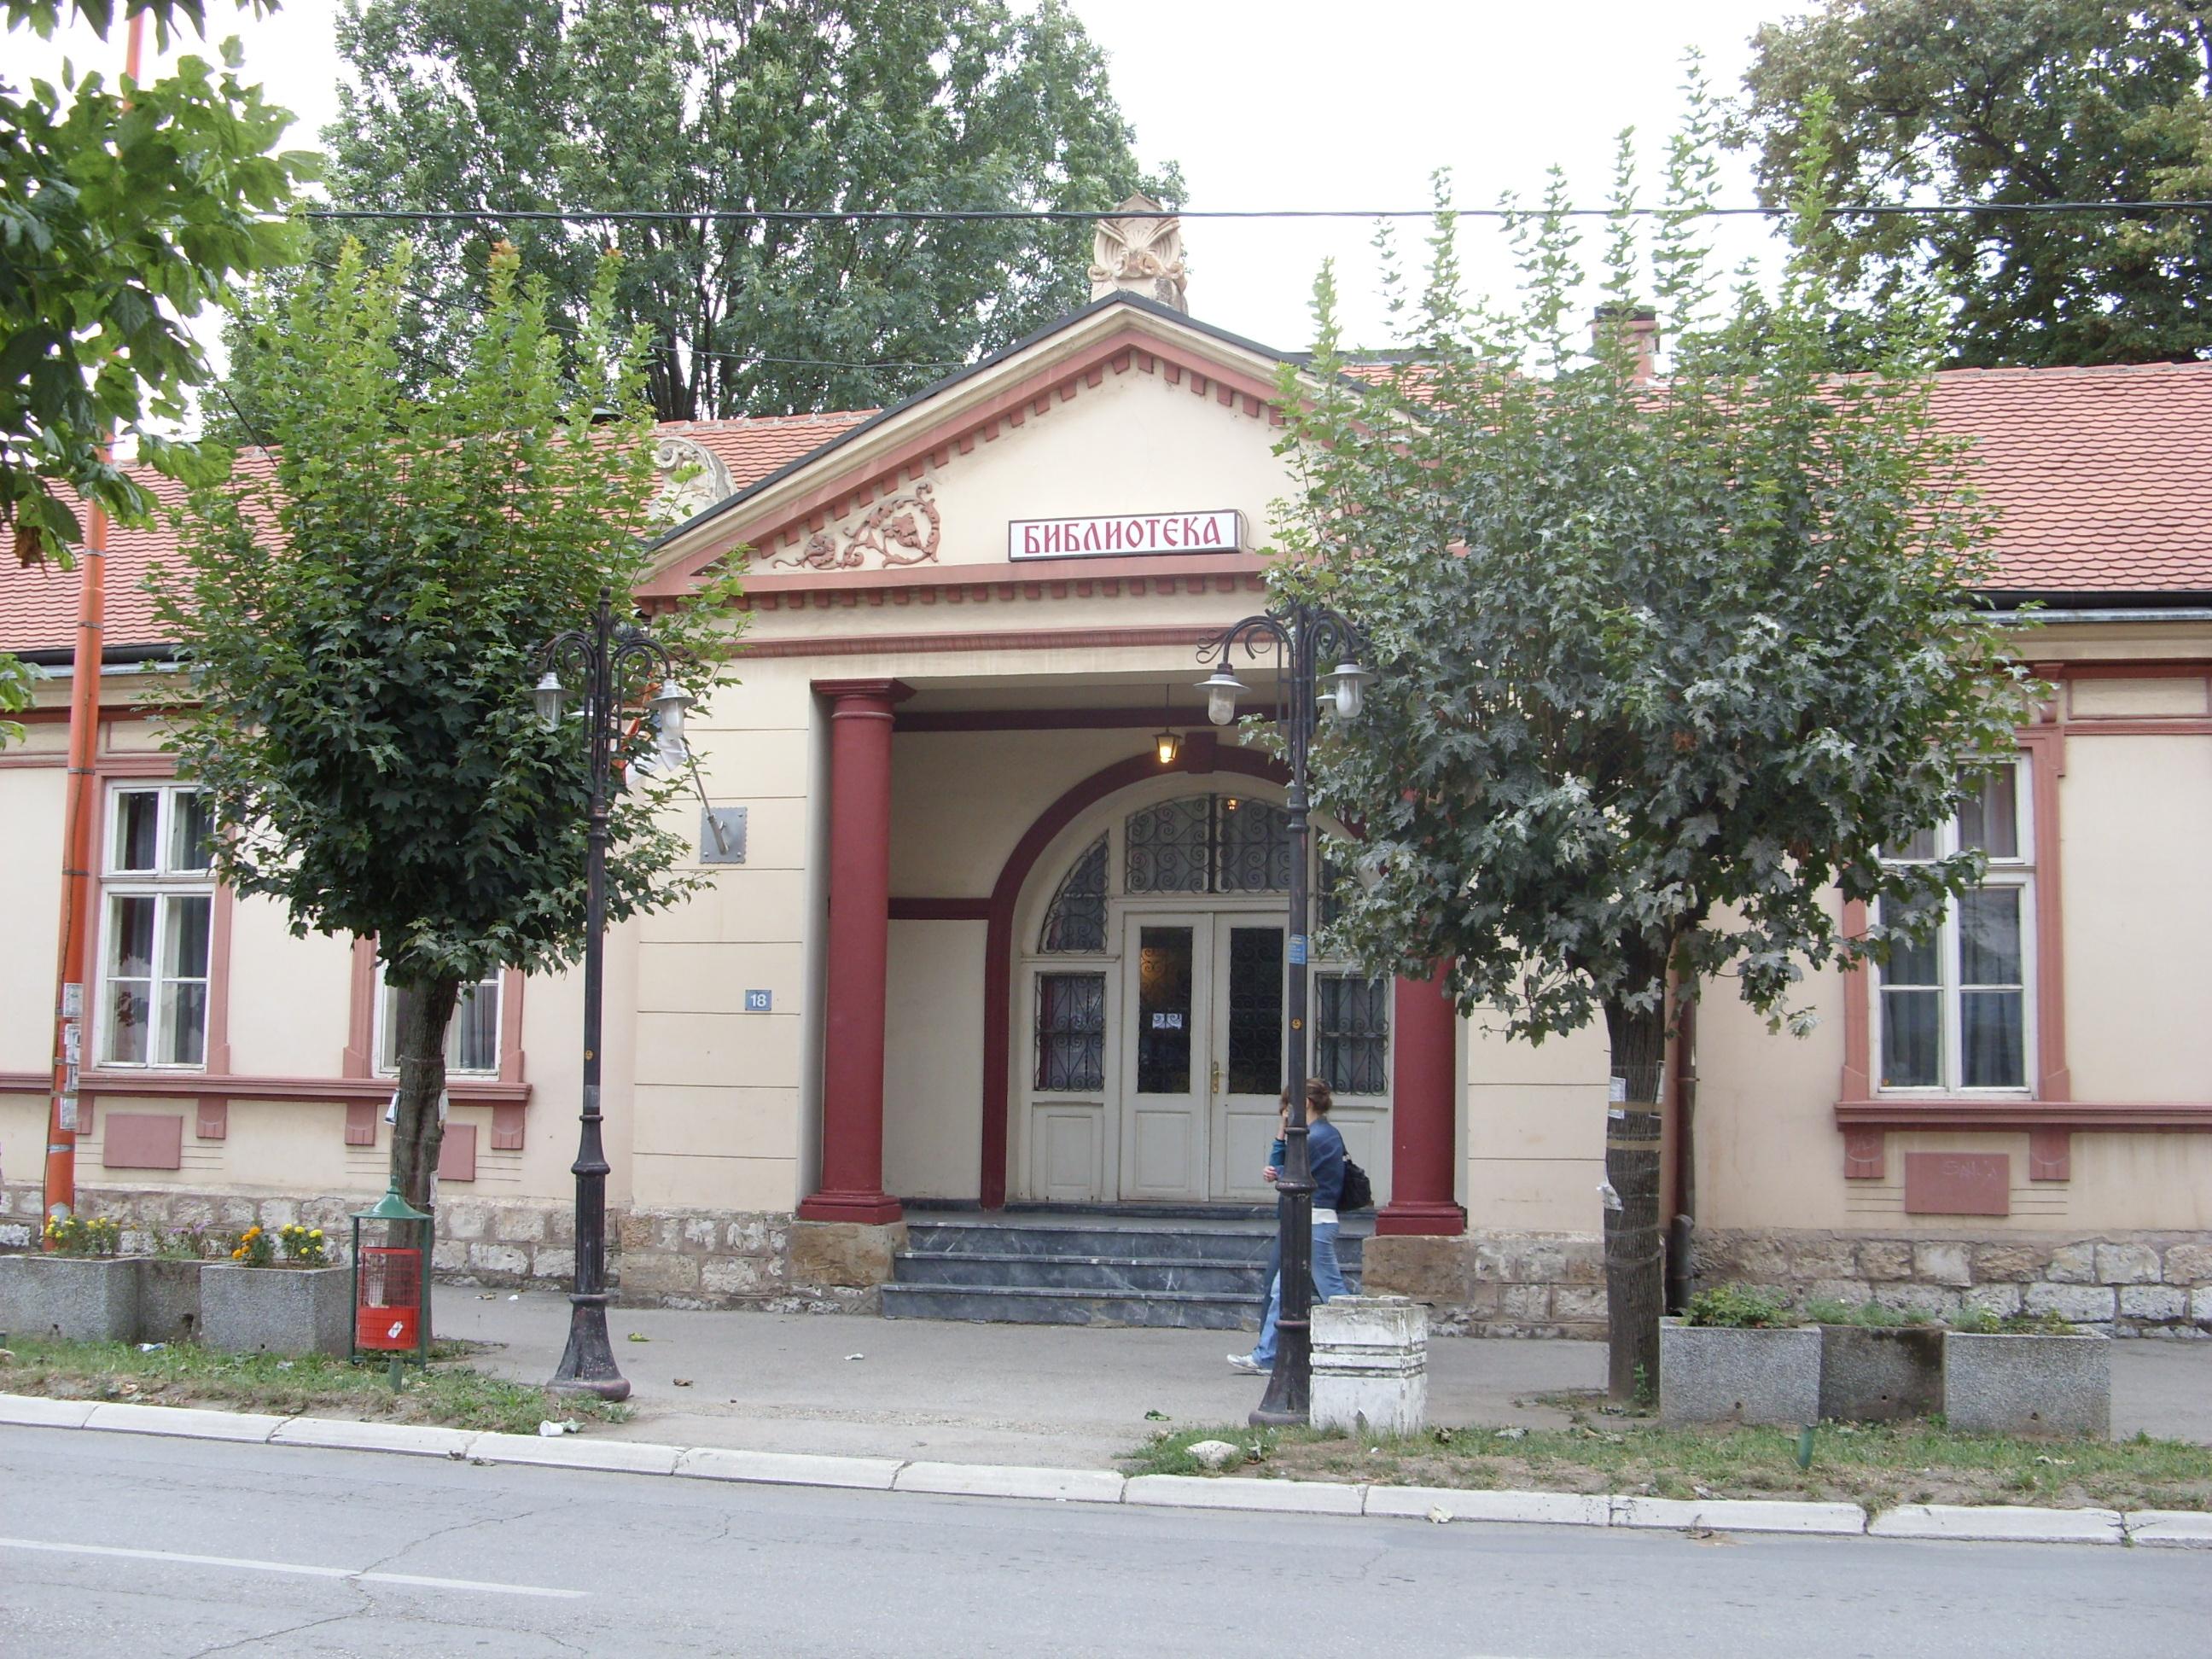 Vremea în Banatski Despotovac, Serbia